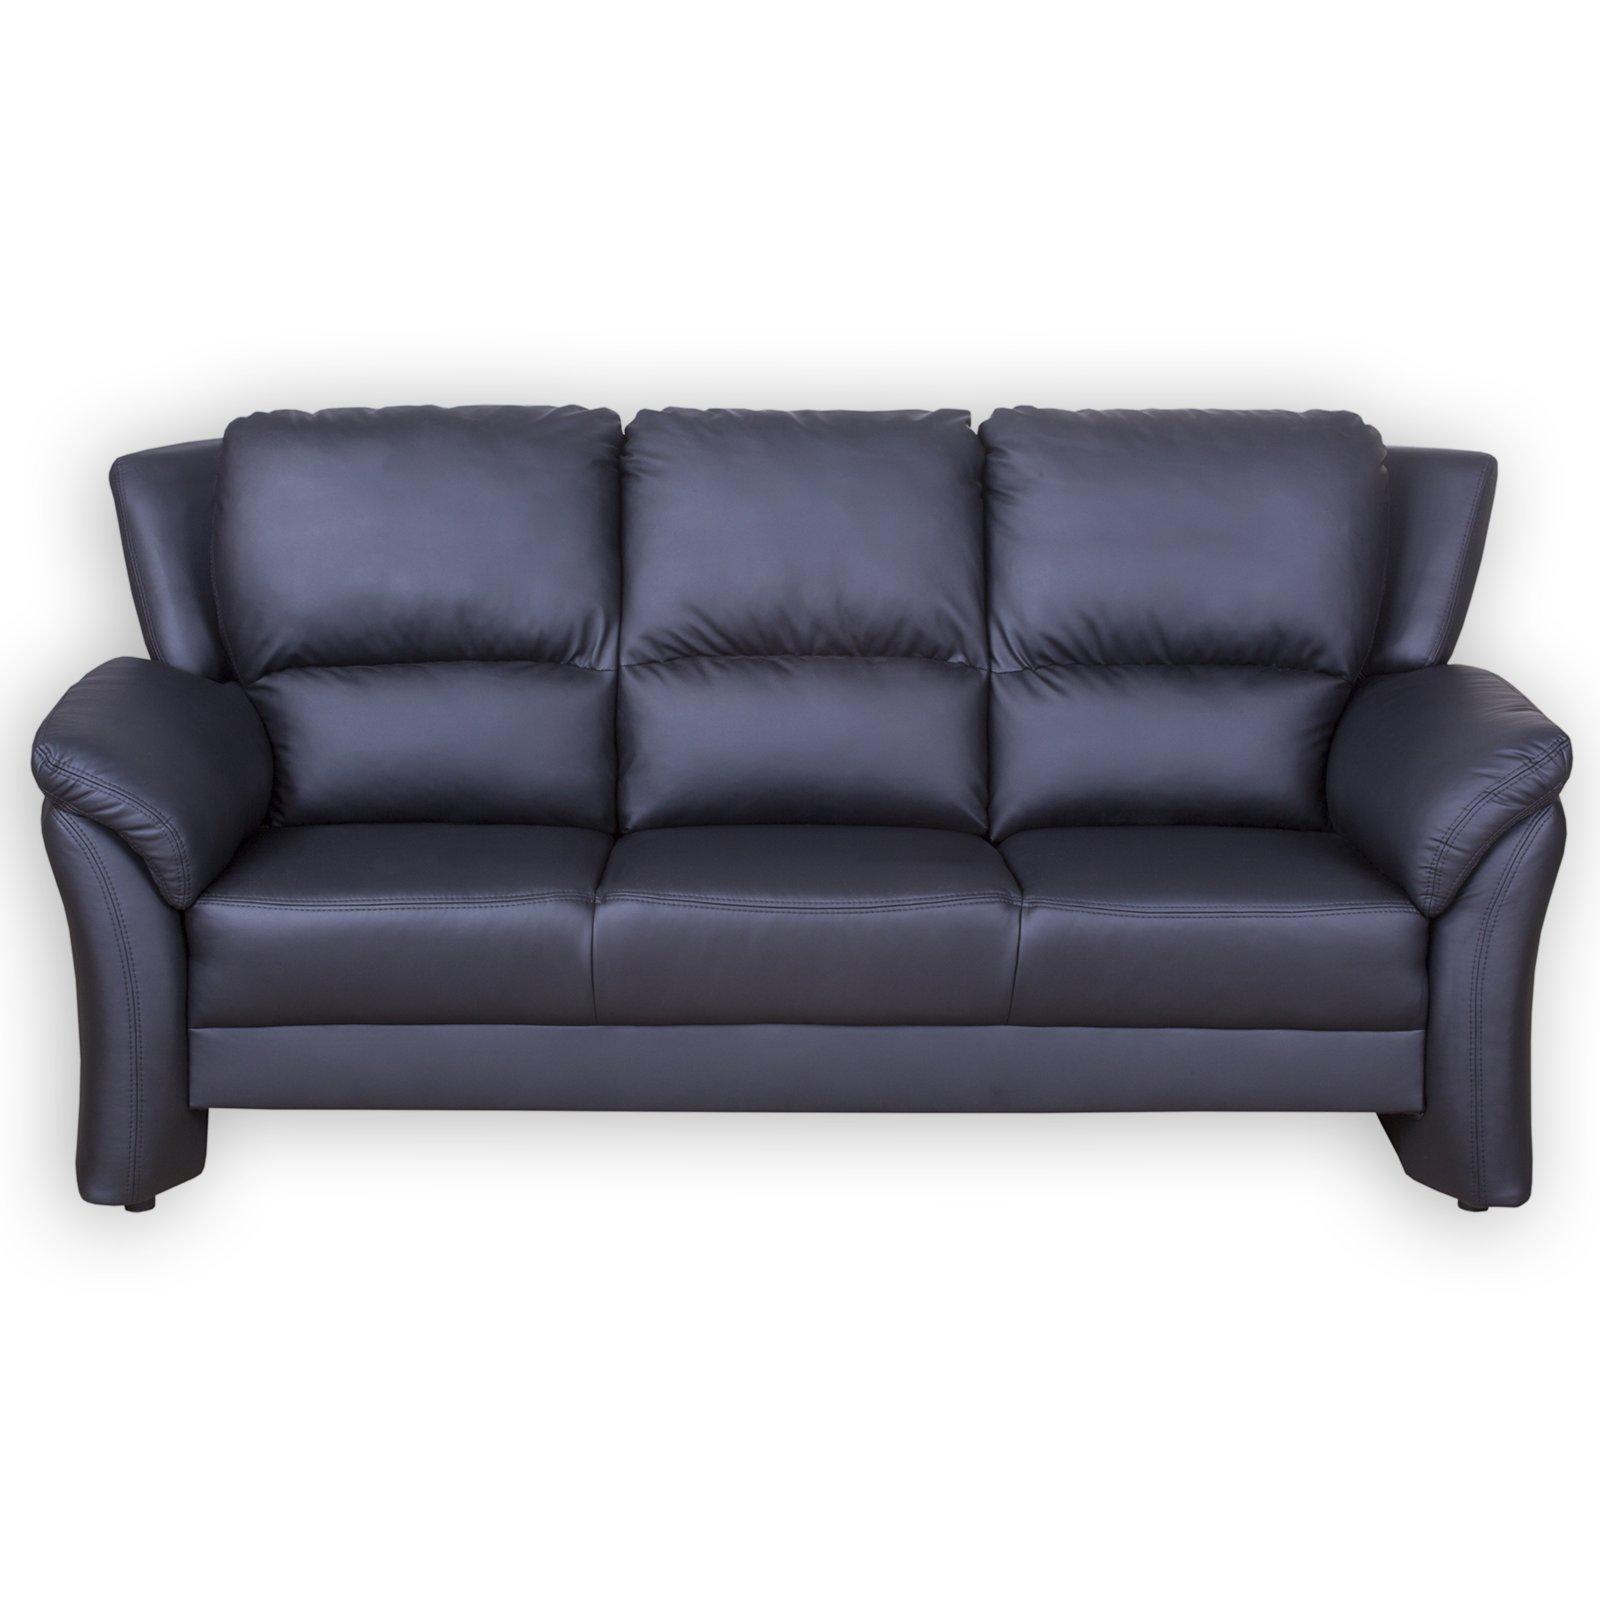 3 Sitzer Sofa Kunstleder